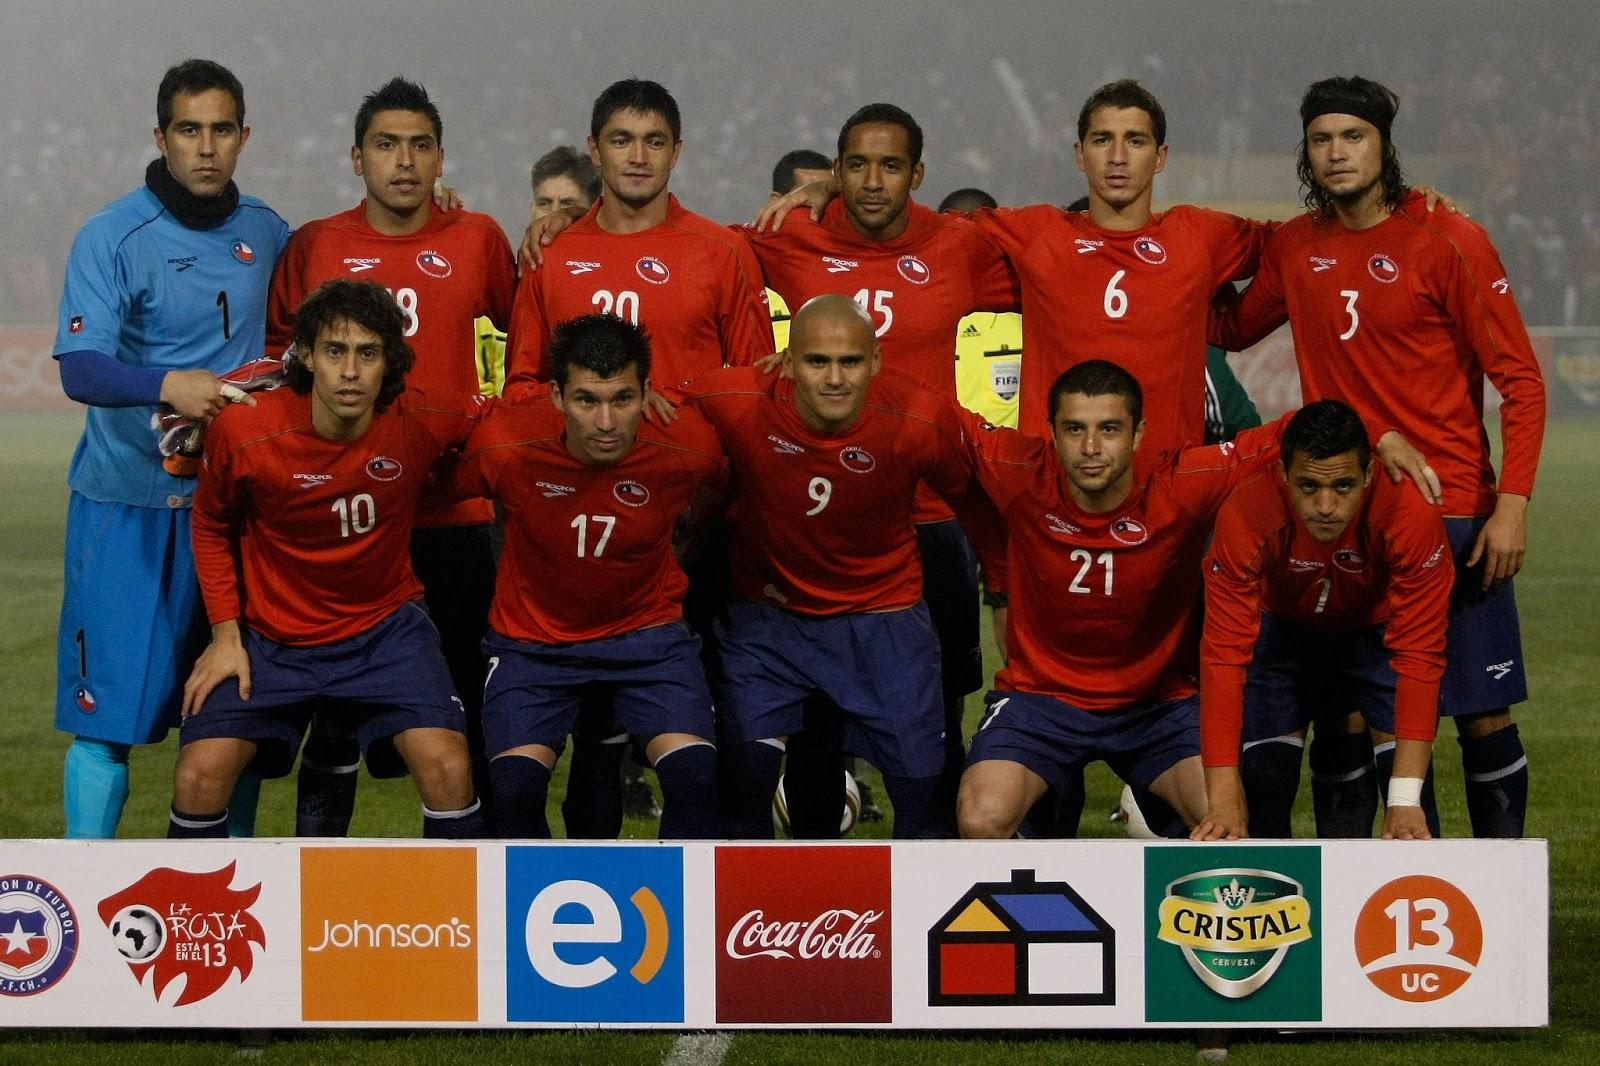 Formación de Chile ante Israel, amistoso disputado el 30 de mayo de 2010